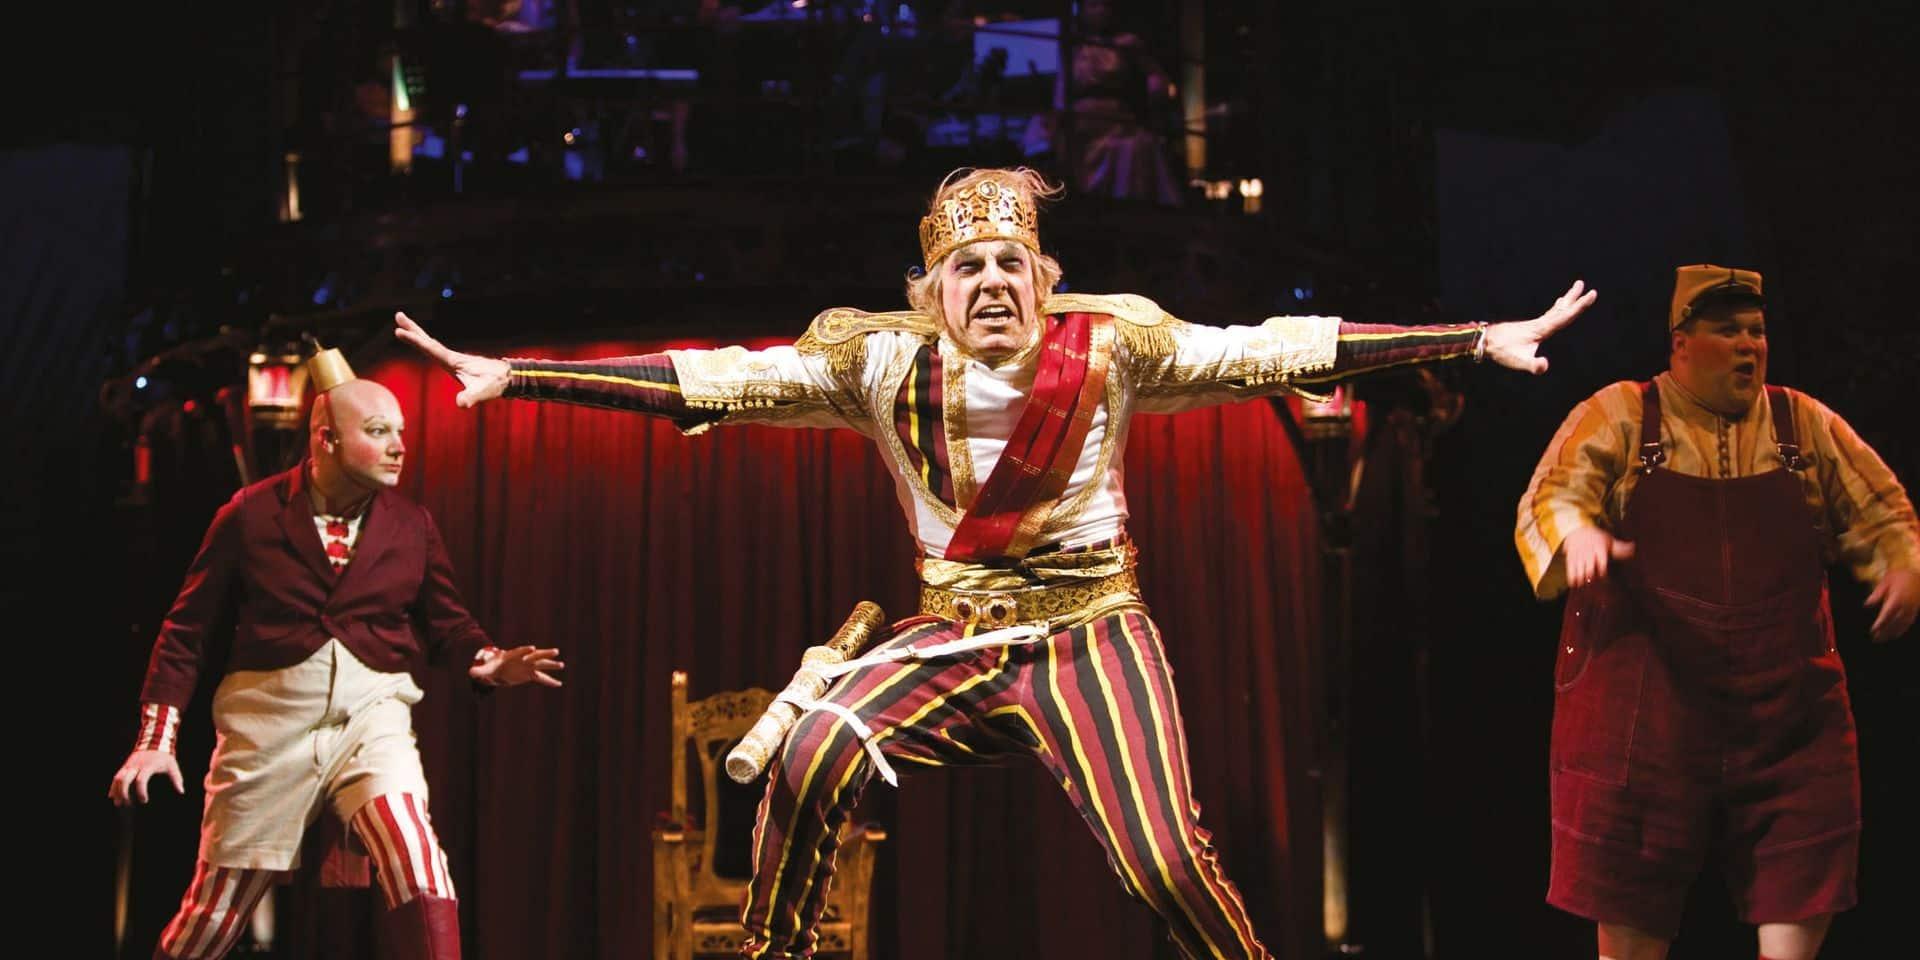 Le Cirque du Soleil est en faillite